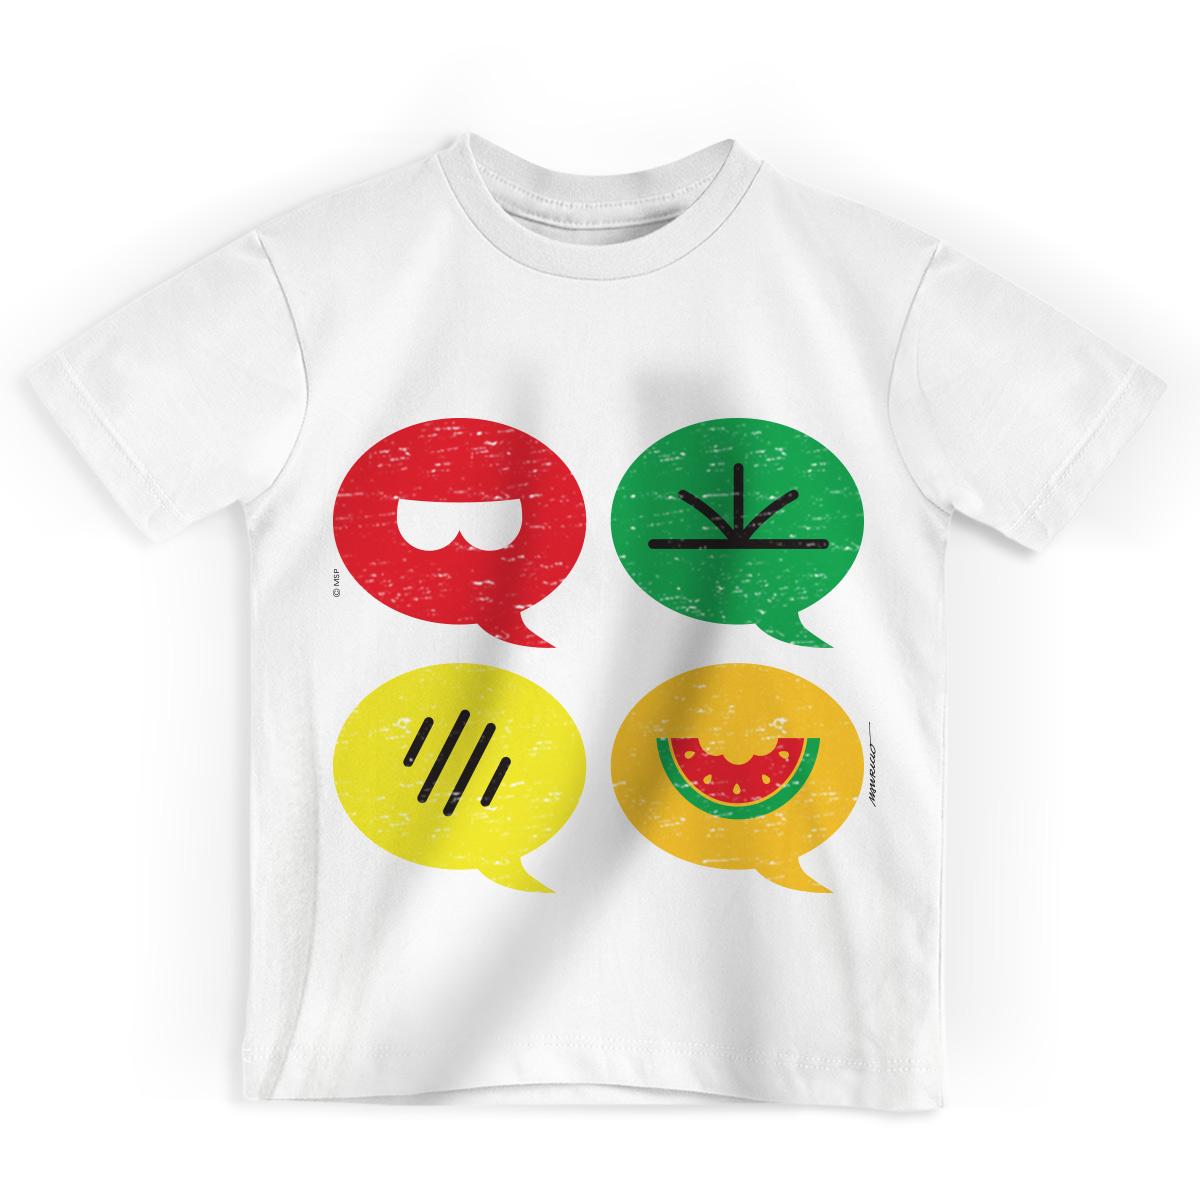 Camiseta Infantil Turma da M�nica Cool �cones